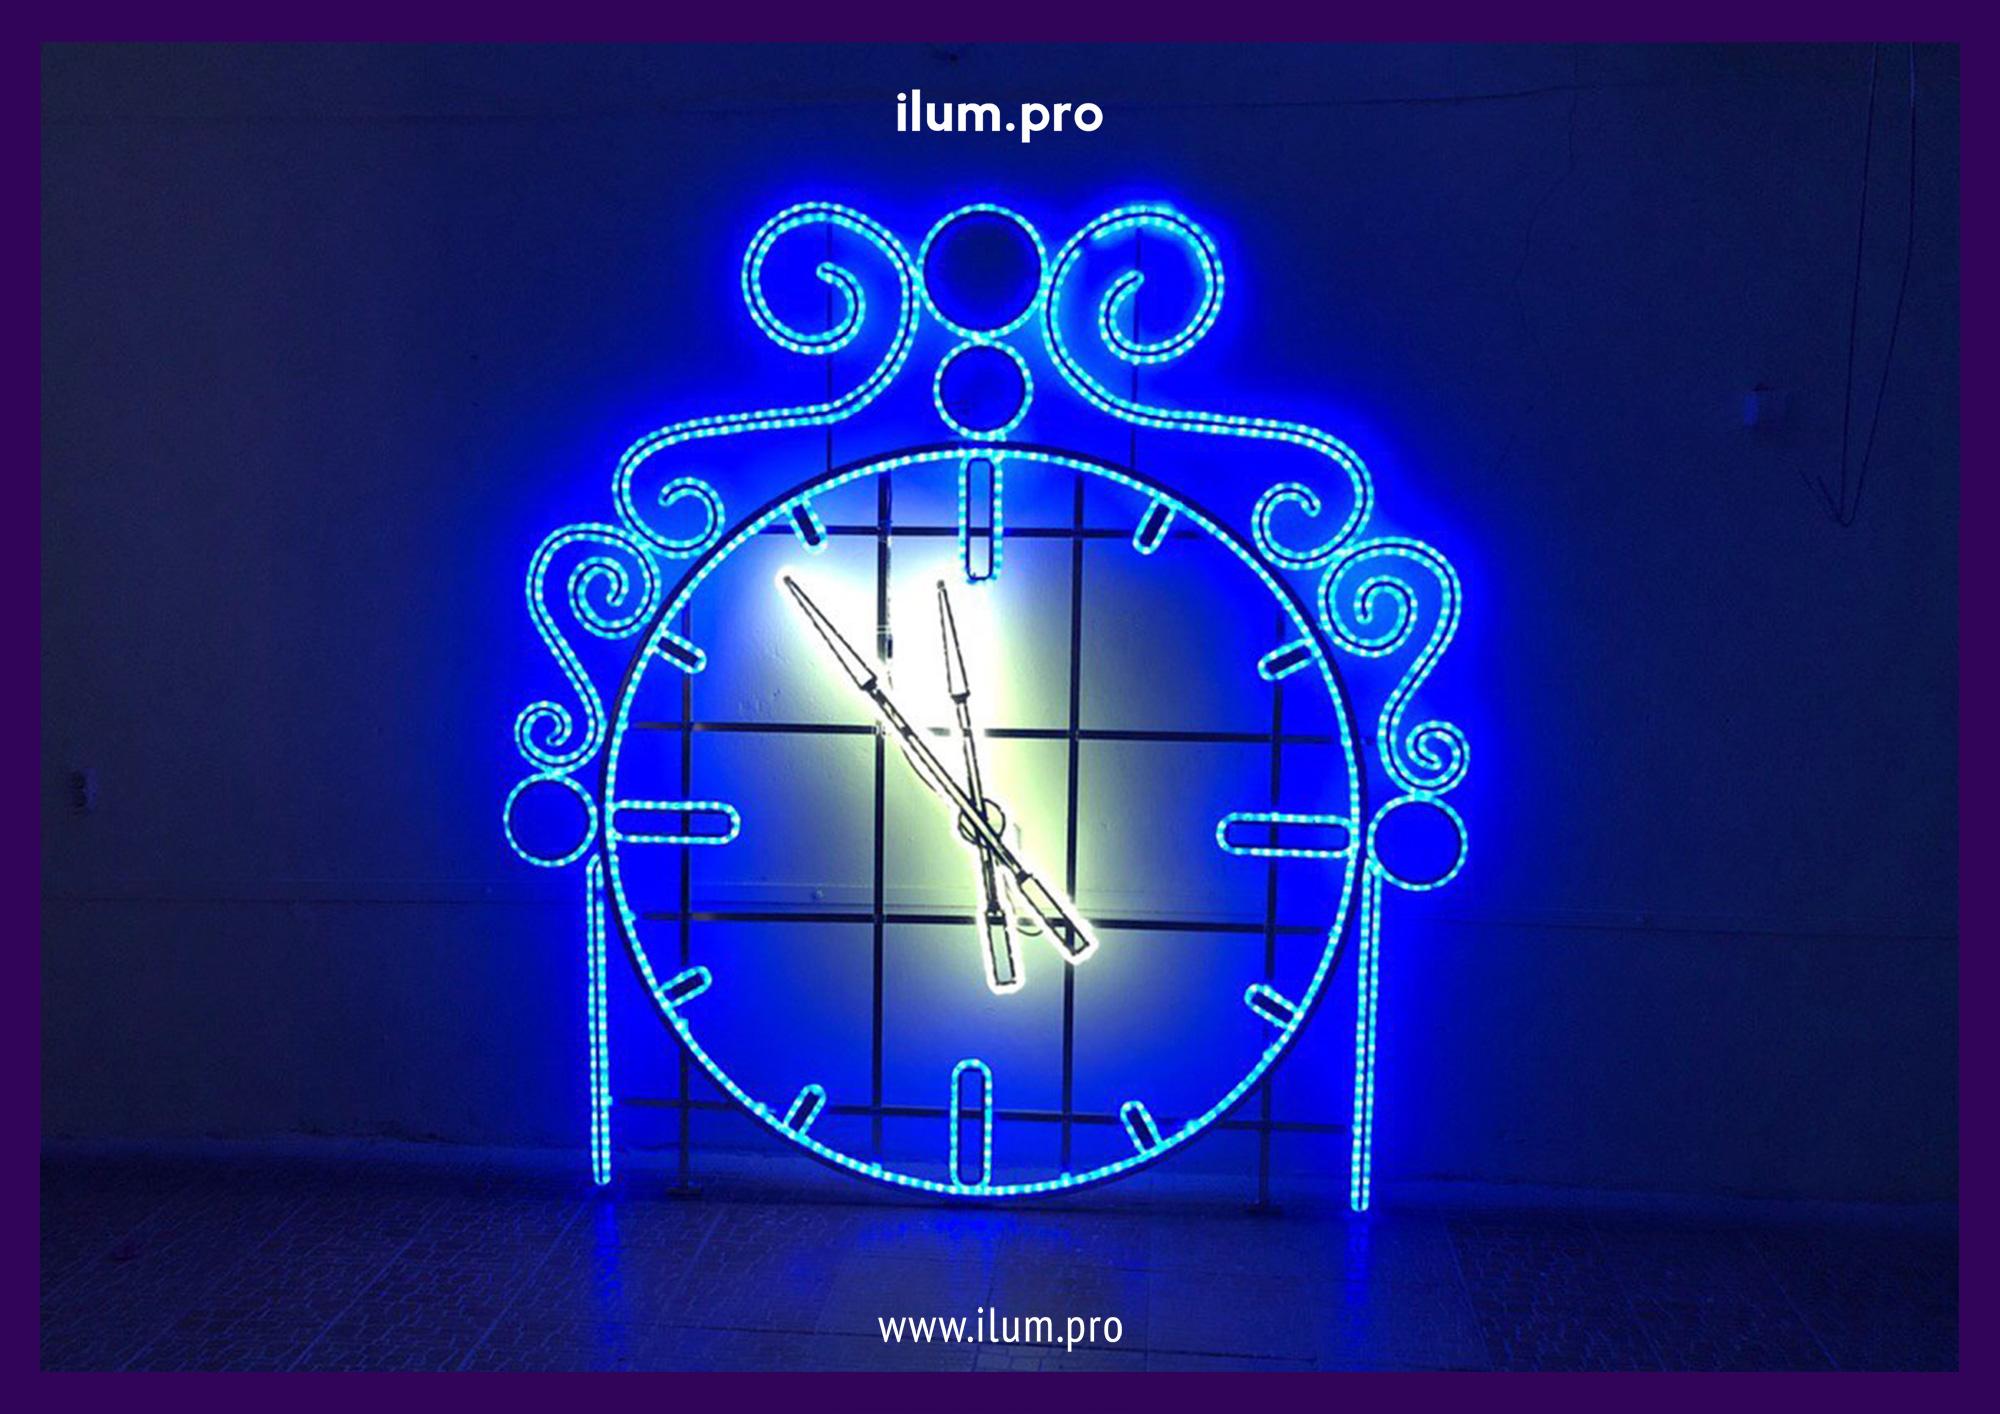 Светодиодная консоль часы в процессе производства